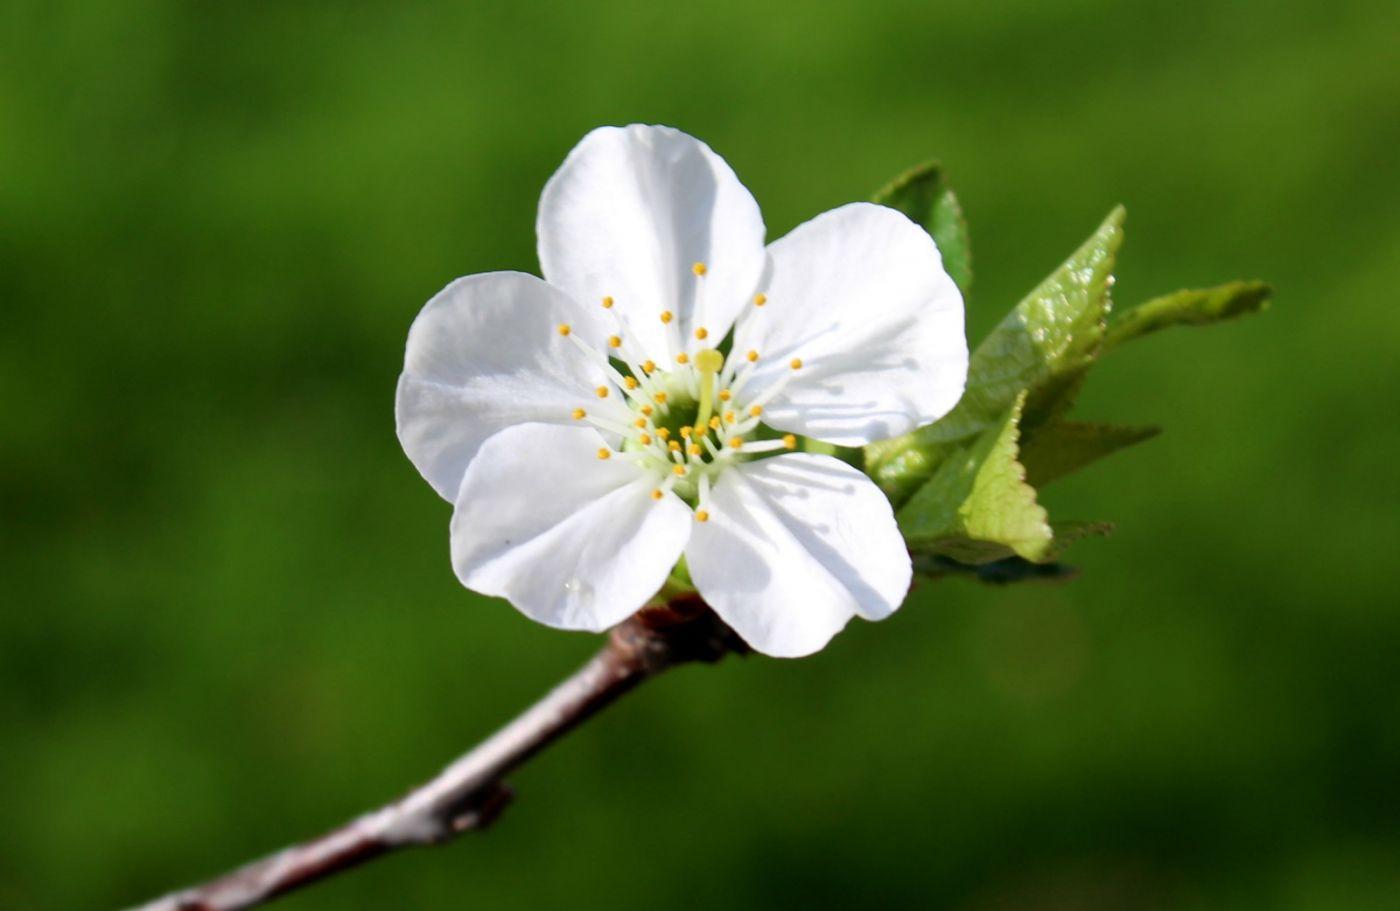 樱桃花开了_图1-1